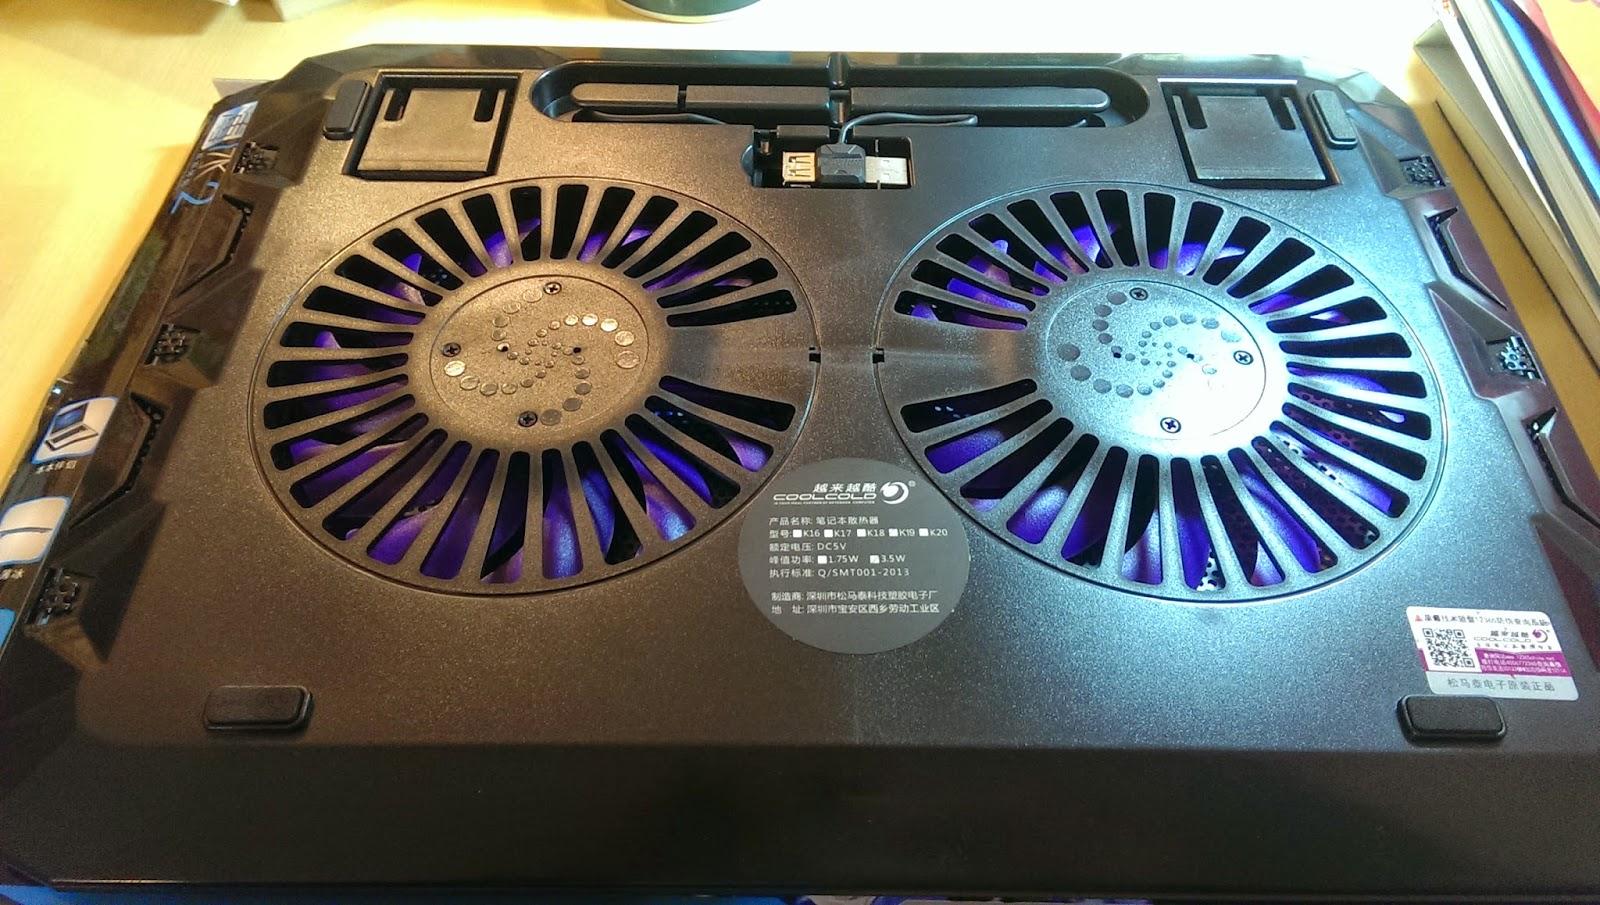 2015 02 21%2B19.41.24 - [開箱] 超薄大尺寸的筆電散熱墊,除了降低溫度、還能讓坐姿更加端正!